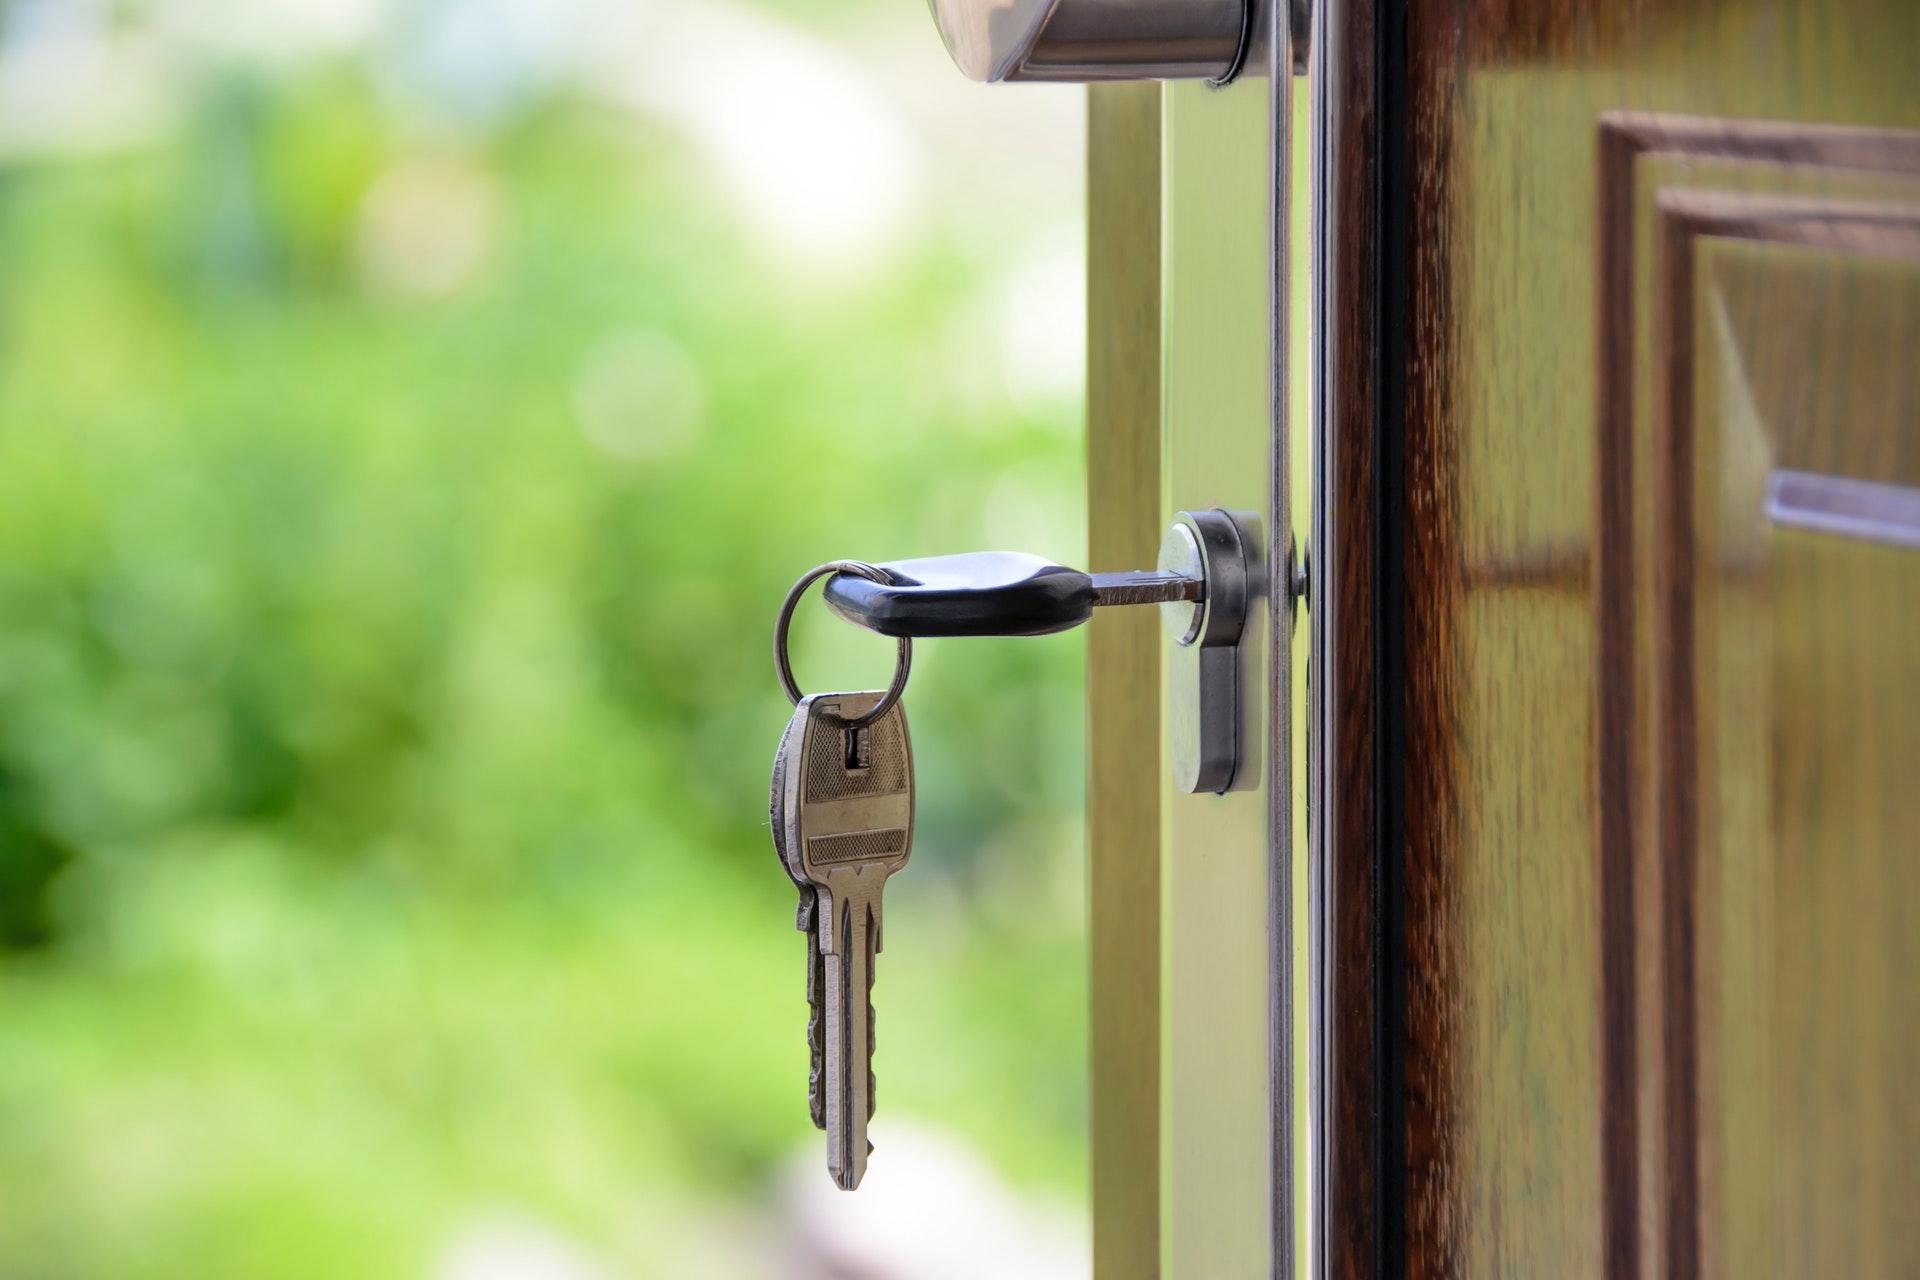 Destaque de uma chave inserida em uma porta de madeira. Ao fundo, vegetação.